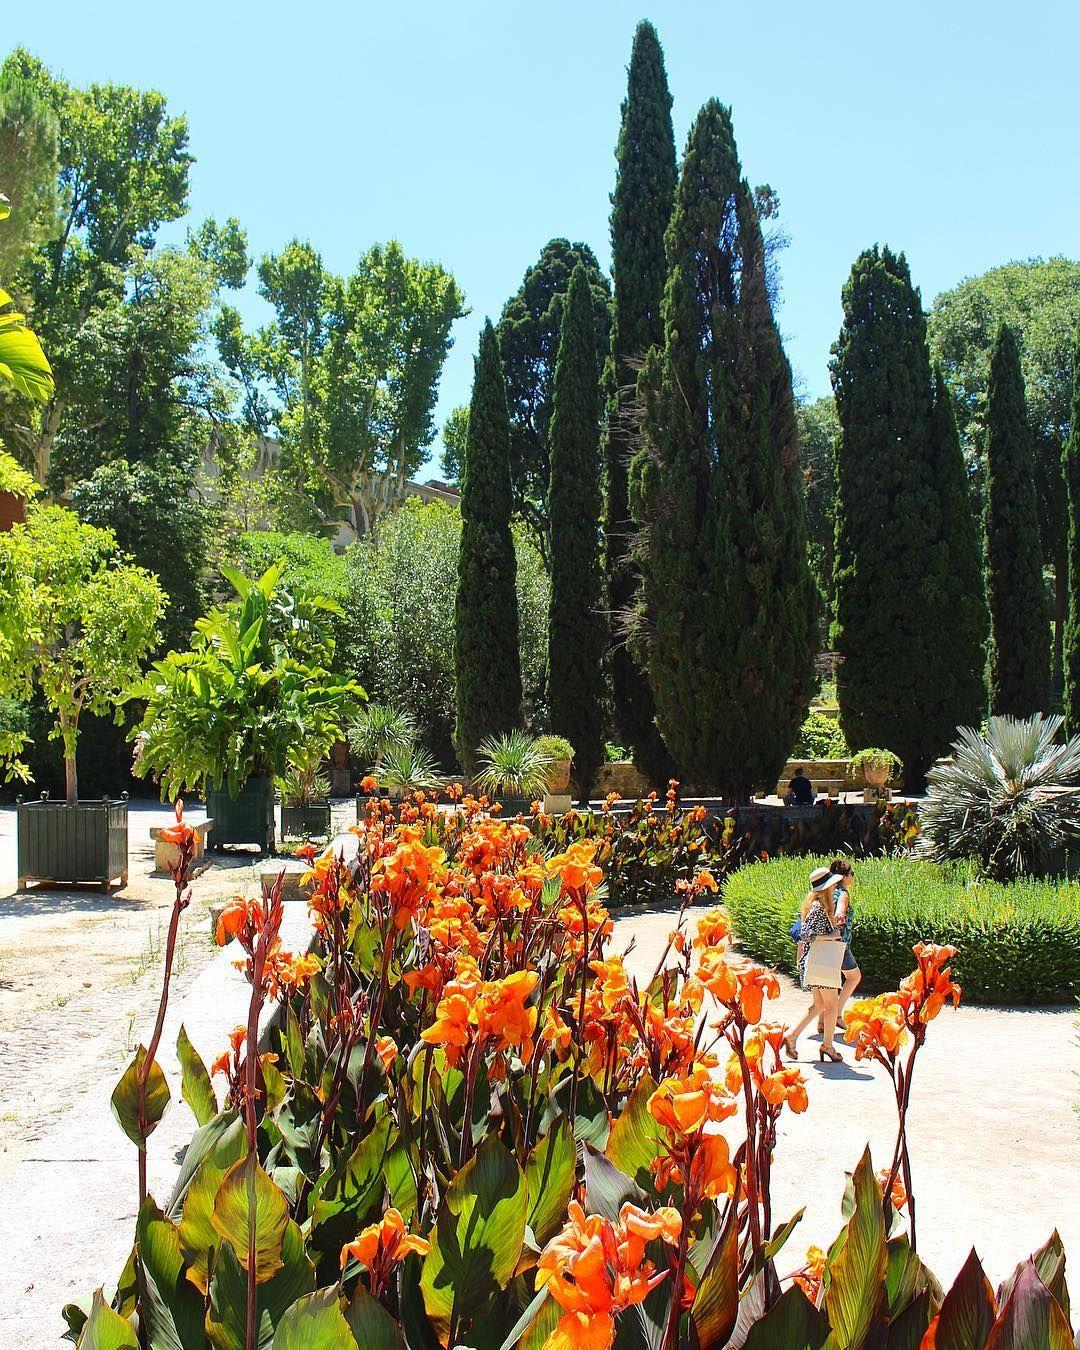 Le jardin des plantes de montpellier est un jardin - Le jardin des plantes montpellier ...